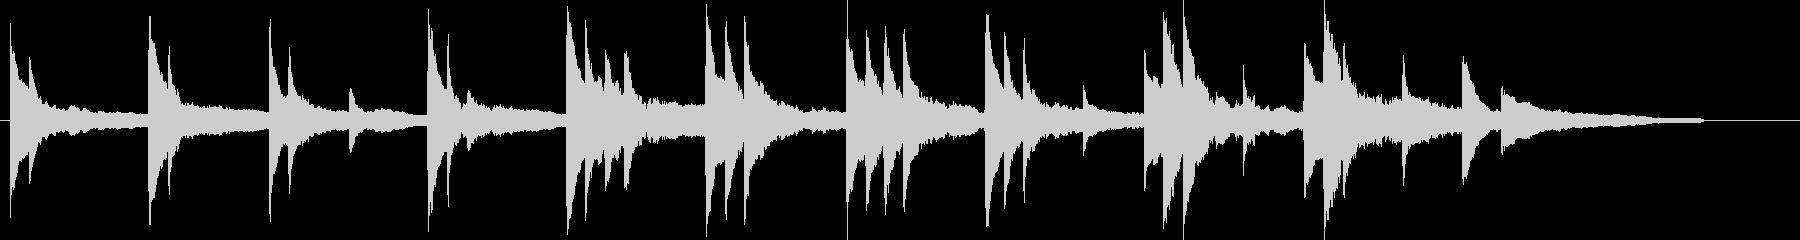 ピアノソロのスローで静かな楽曲の未再生の波形